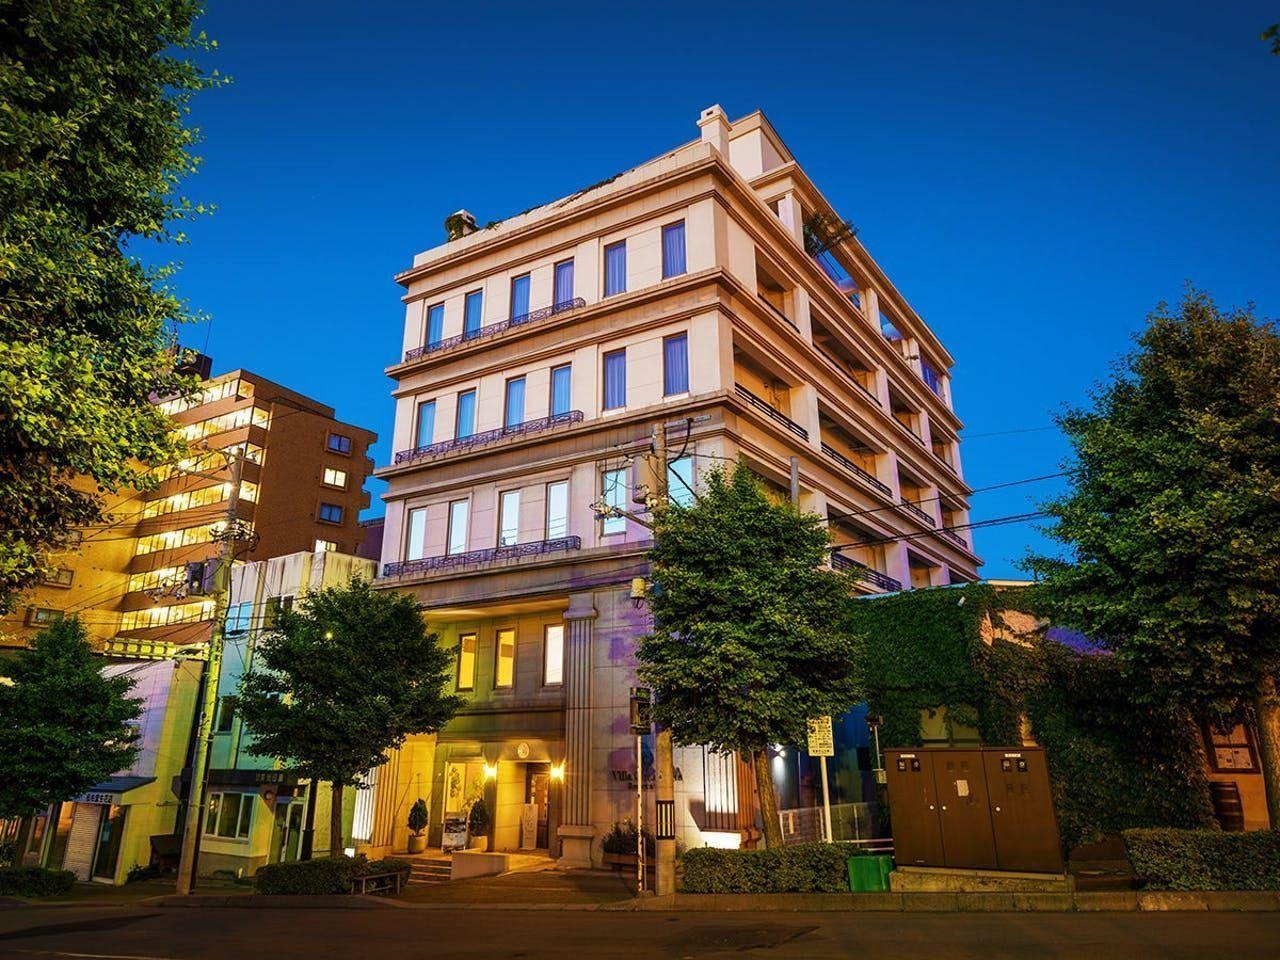 【函館】人気高級ホテル10選!ワンランク上の贅沢リッチステイの画像